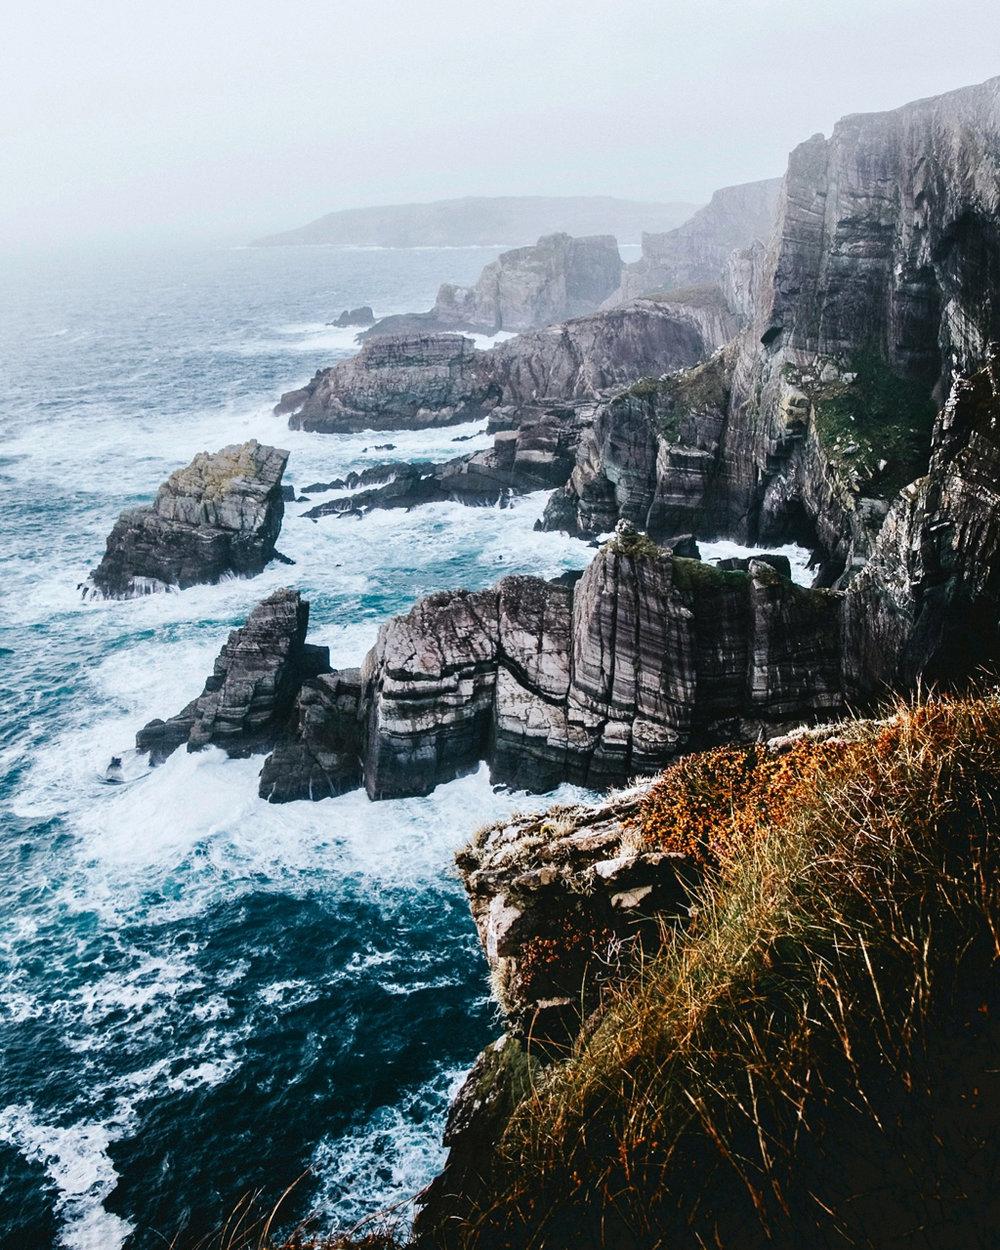 The West Coast of Ireland